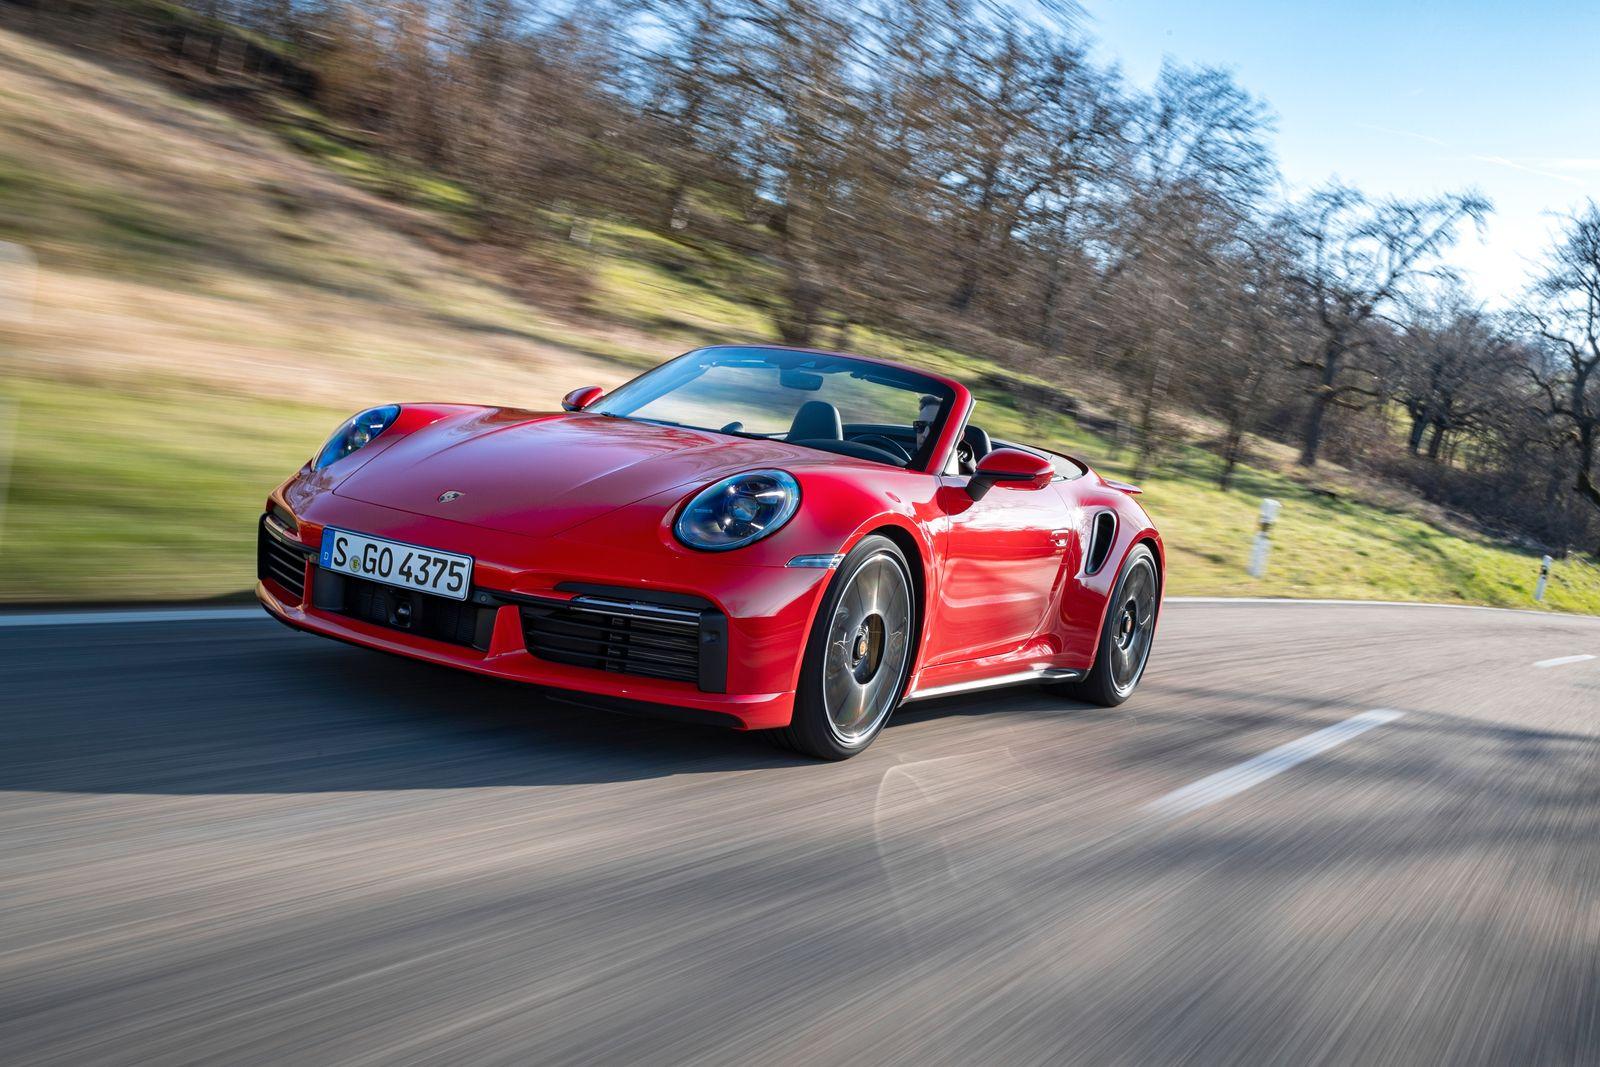 Porsche / 911 Turbo S Cabriolet / Frontansicht